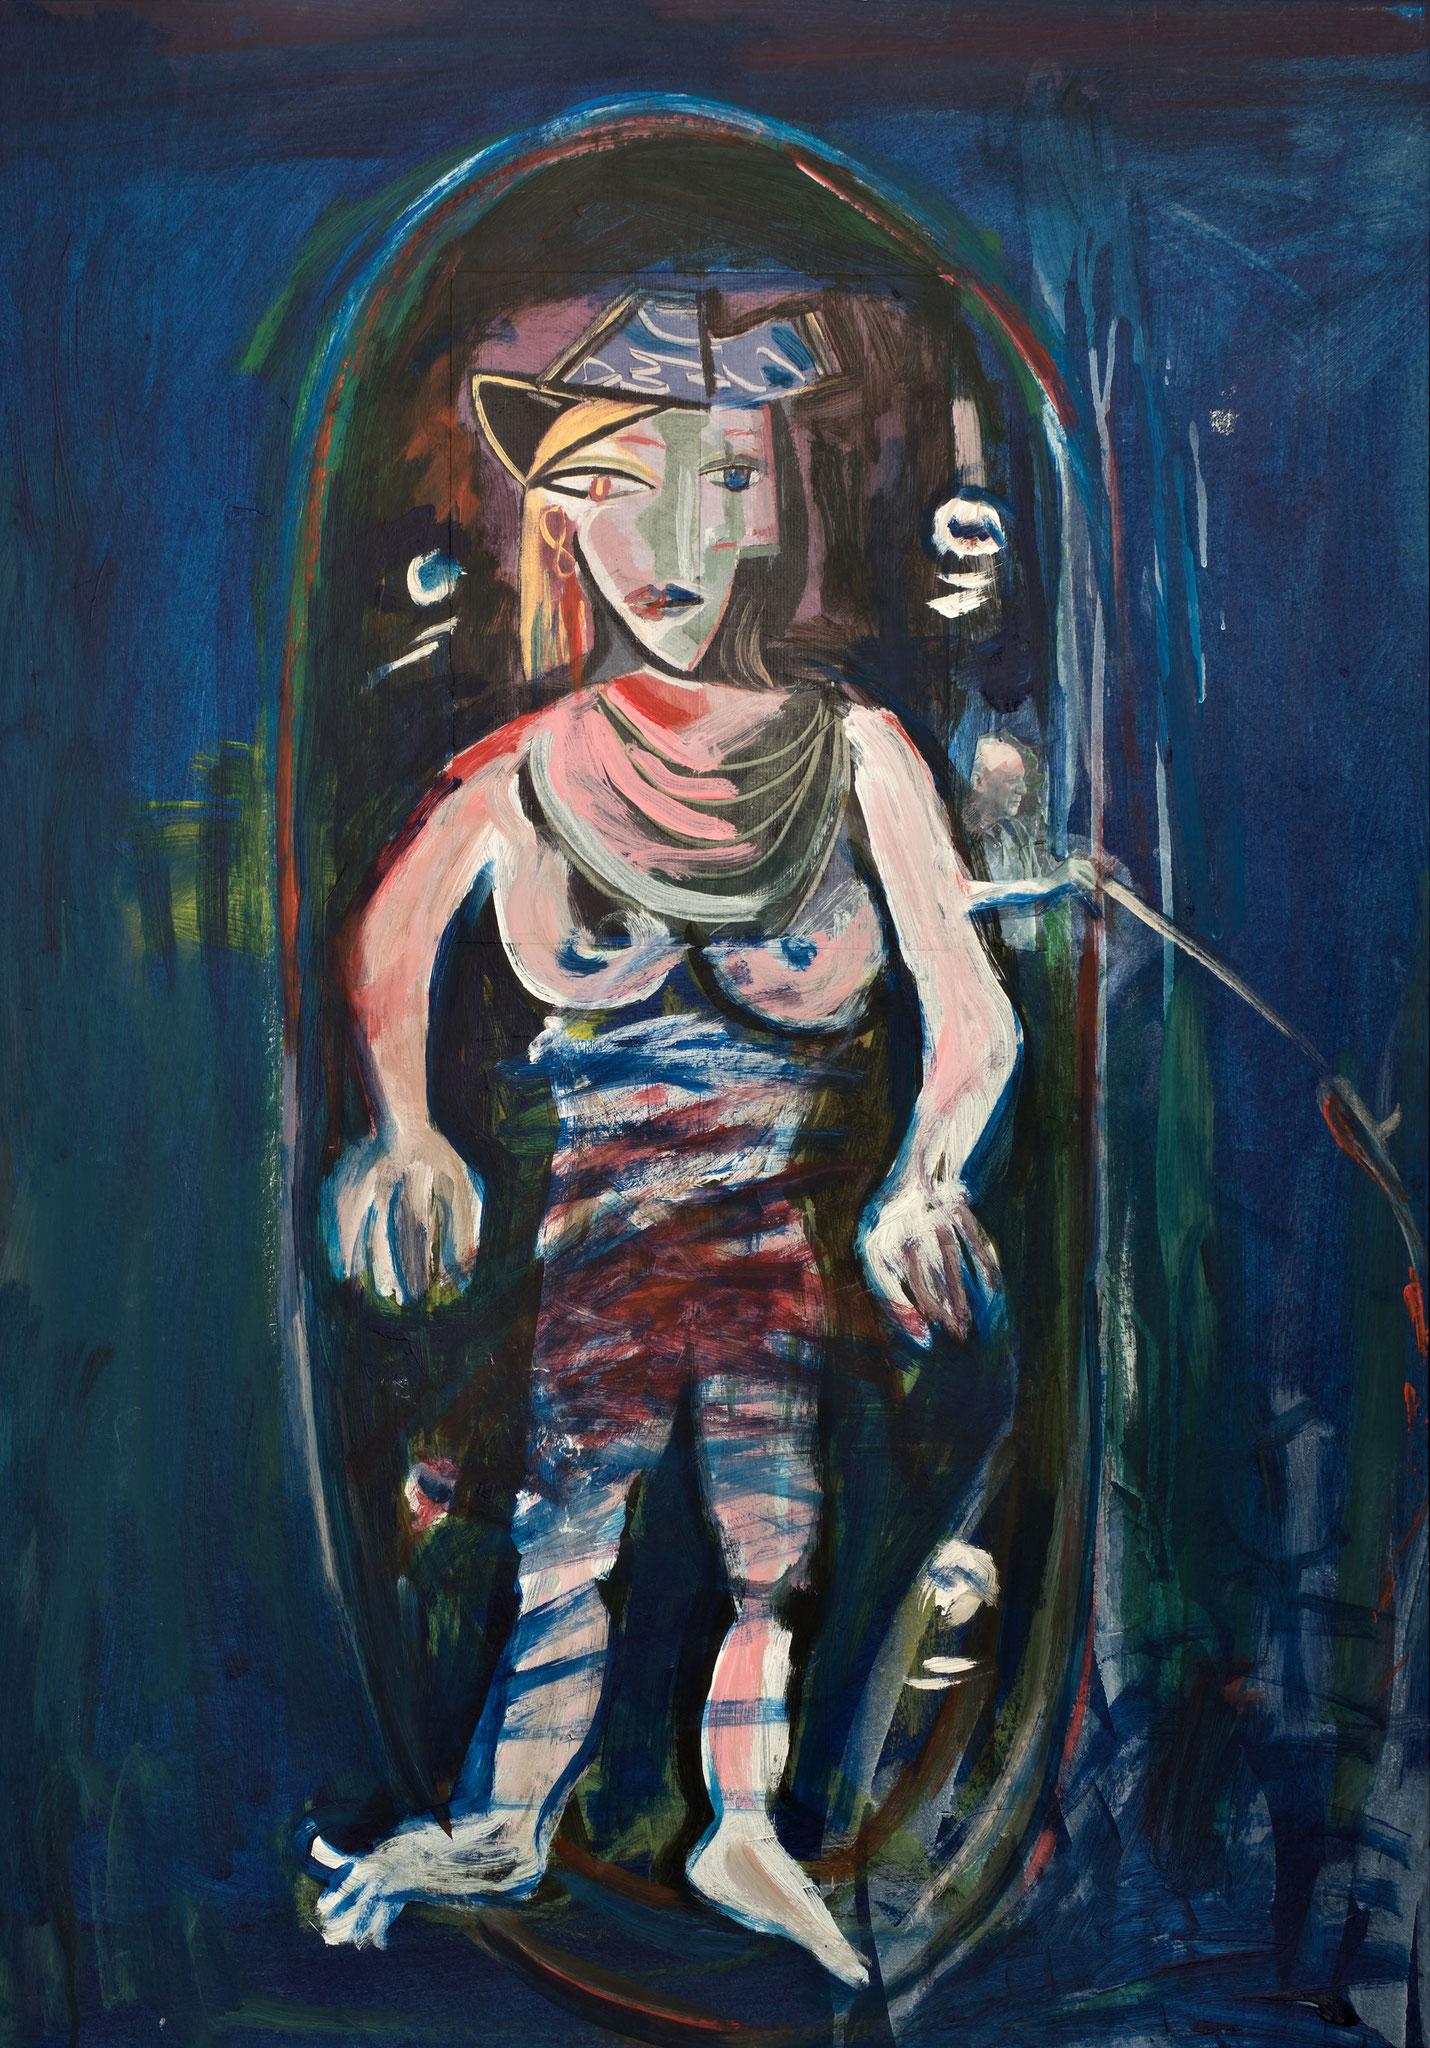 Serie Badschwestern, Malaga, Hommage an Picasso, Malerei Collageelemente, 100 x 70 cm, 2013